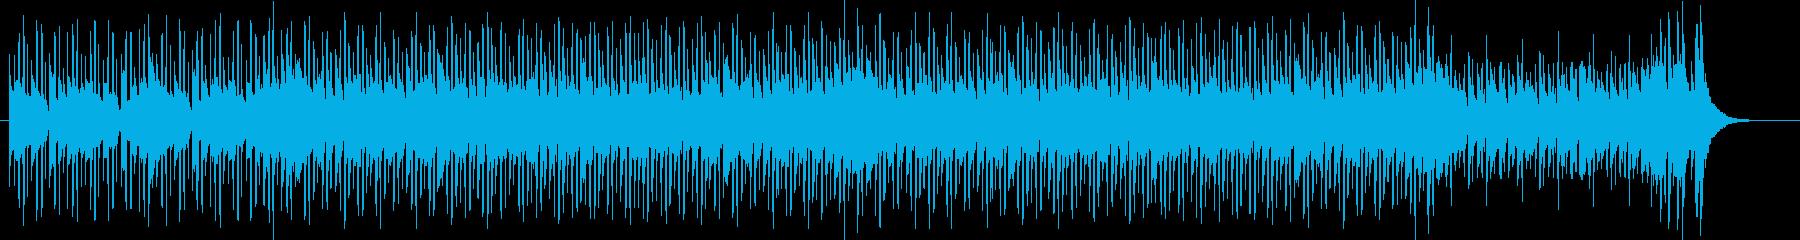 爽やかなラテンフュージョンの再生済みの波形